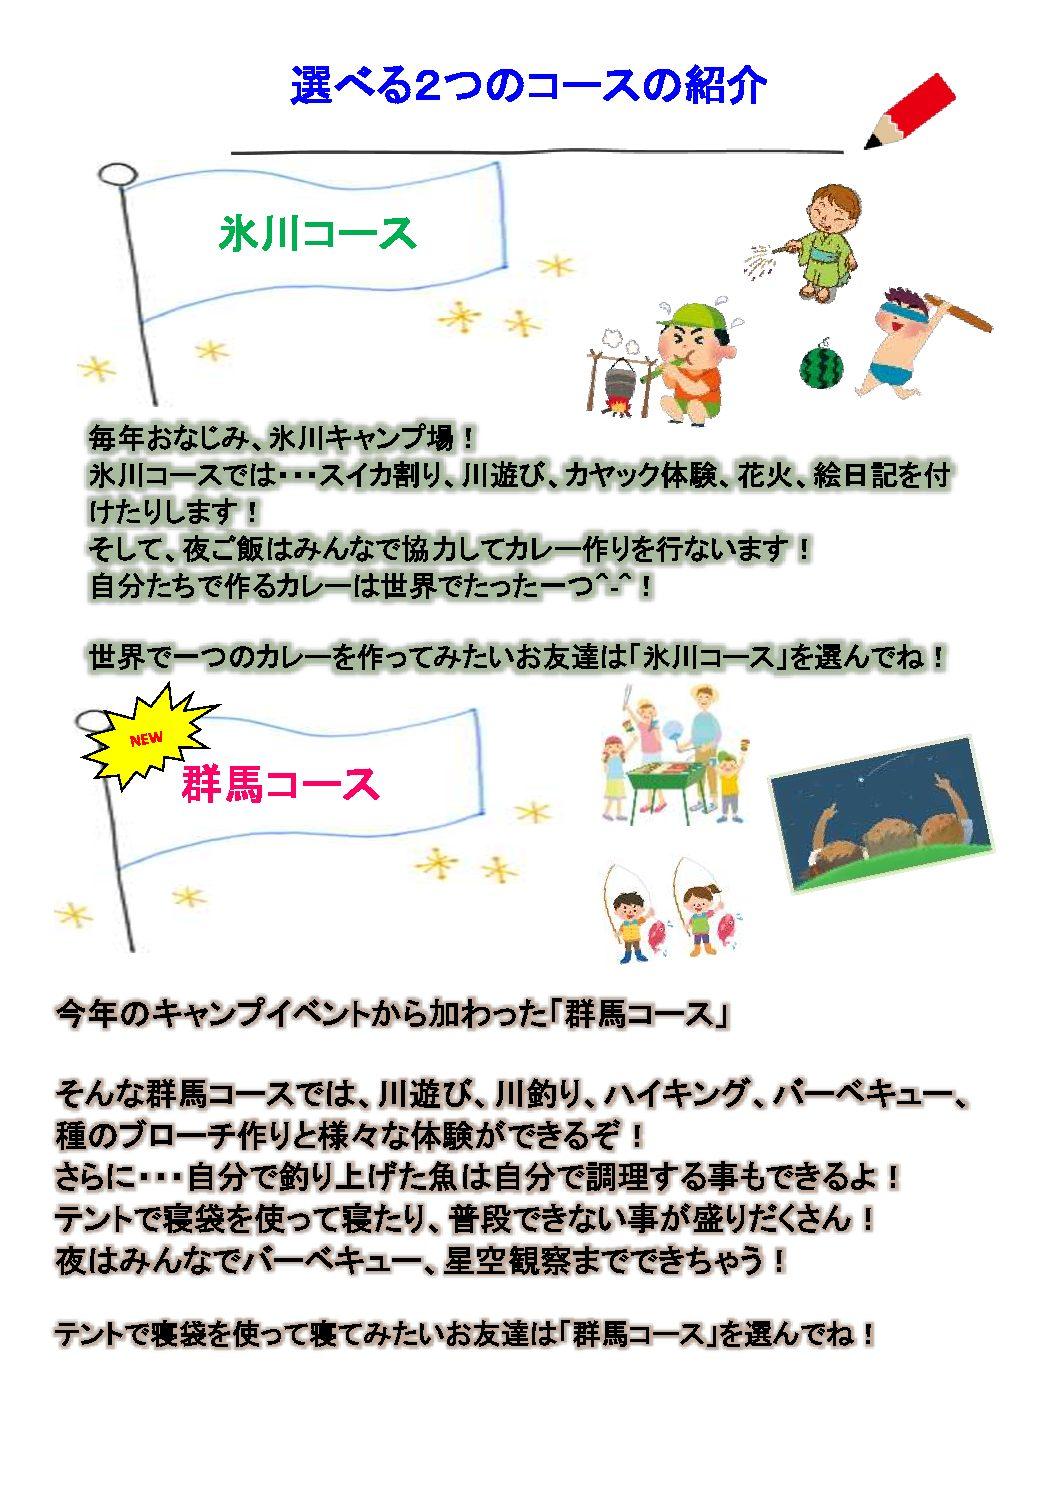 8月イベント「サマーキャンプの」募集が開始いたしました!!